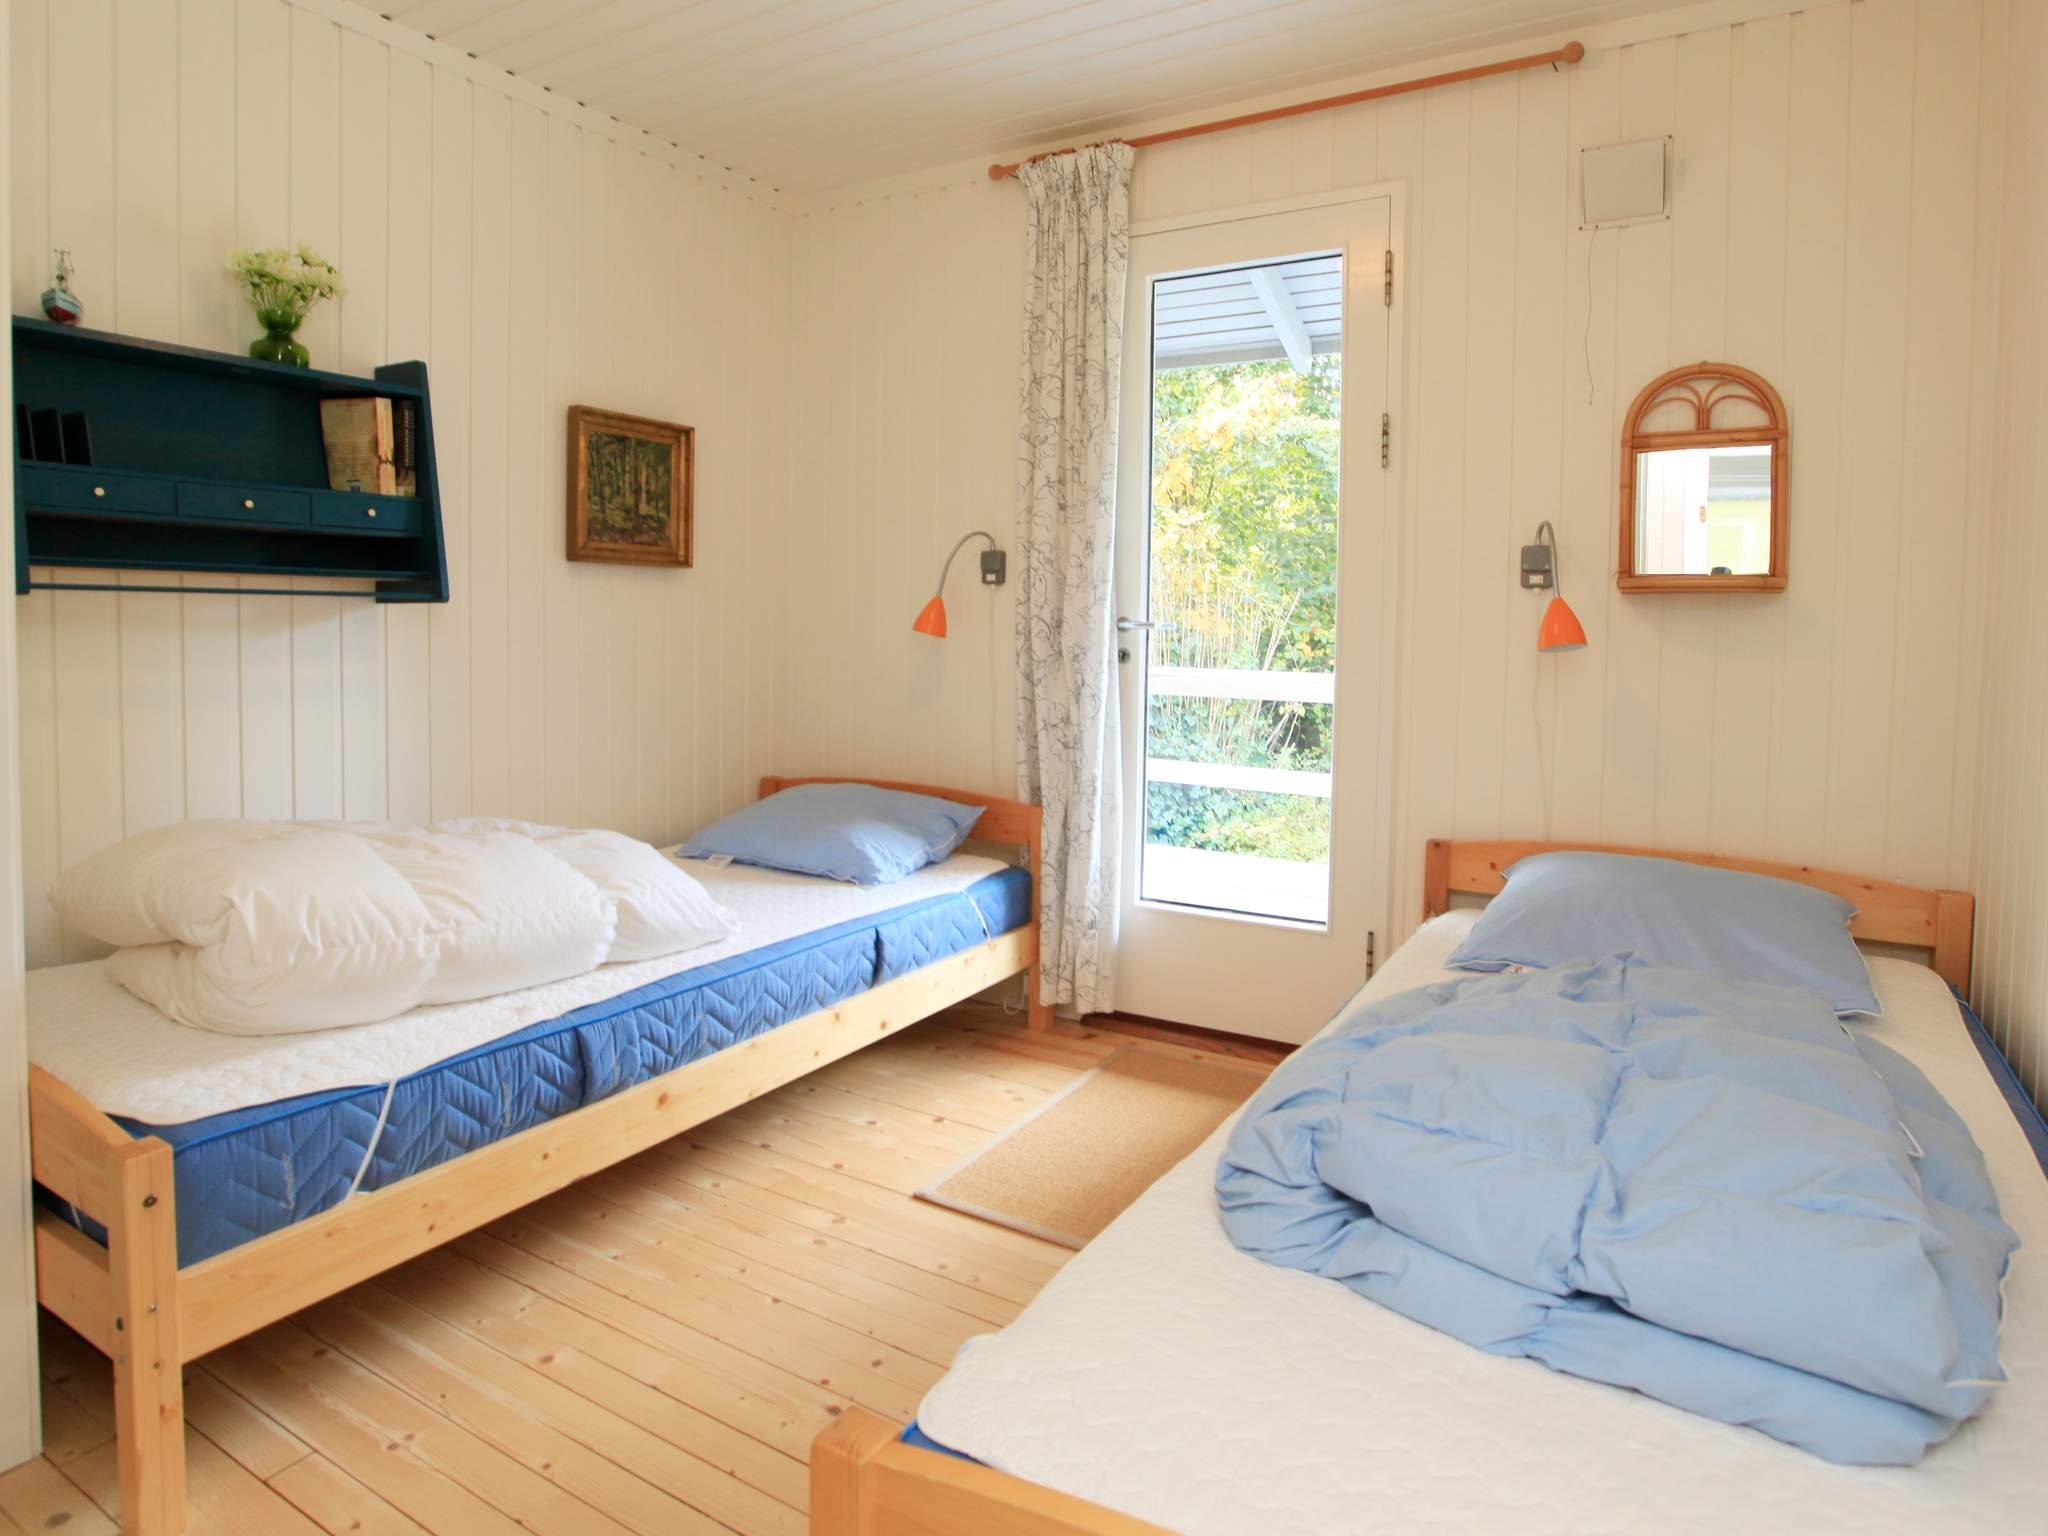 Ferienhaus Udsholt Strand (87426), Udsholt, , Nordseeland, Dänemark, Bild 12